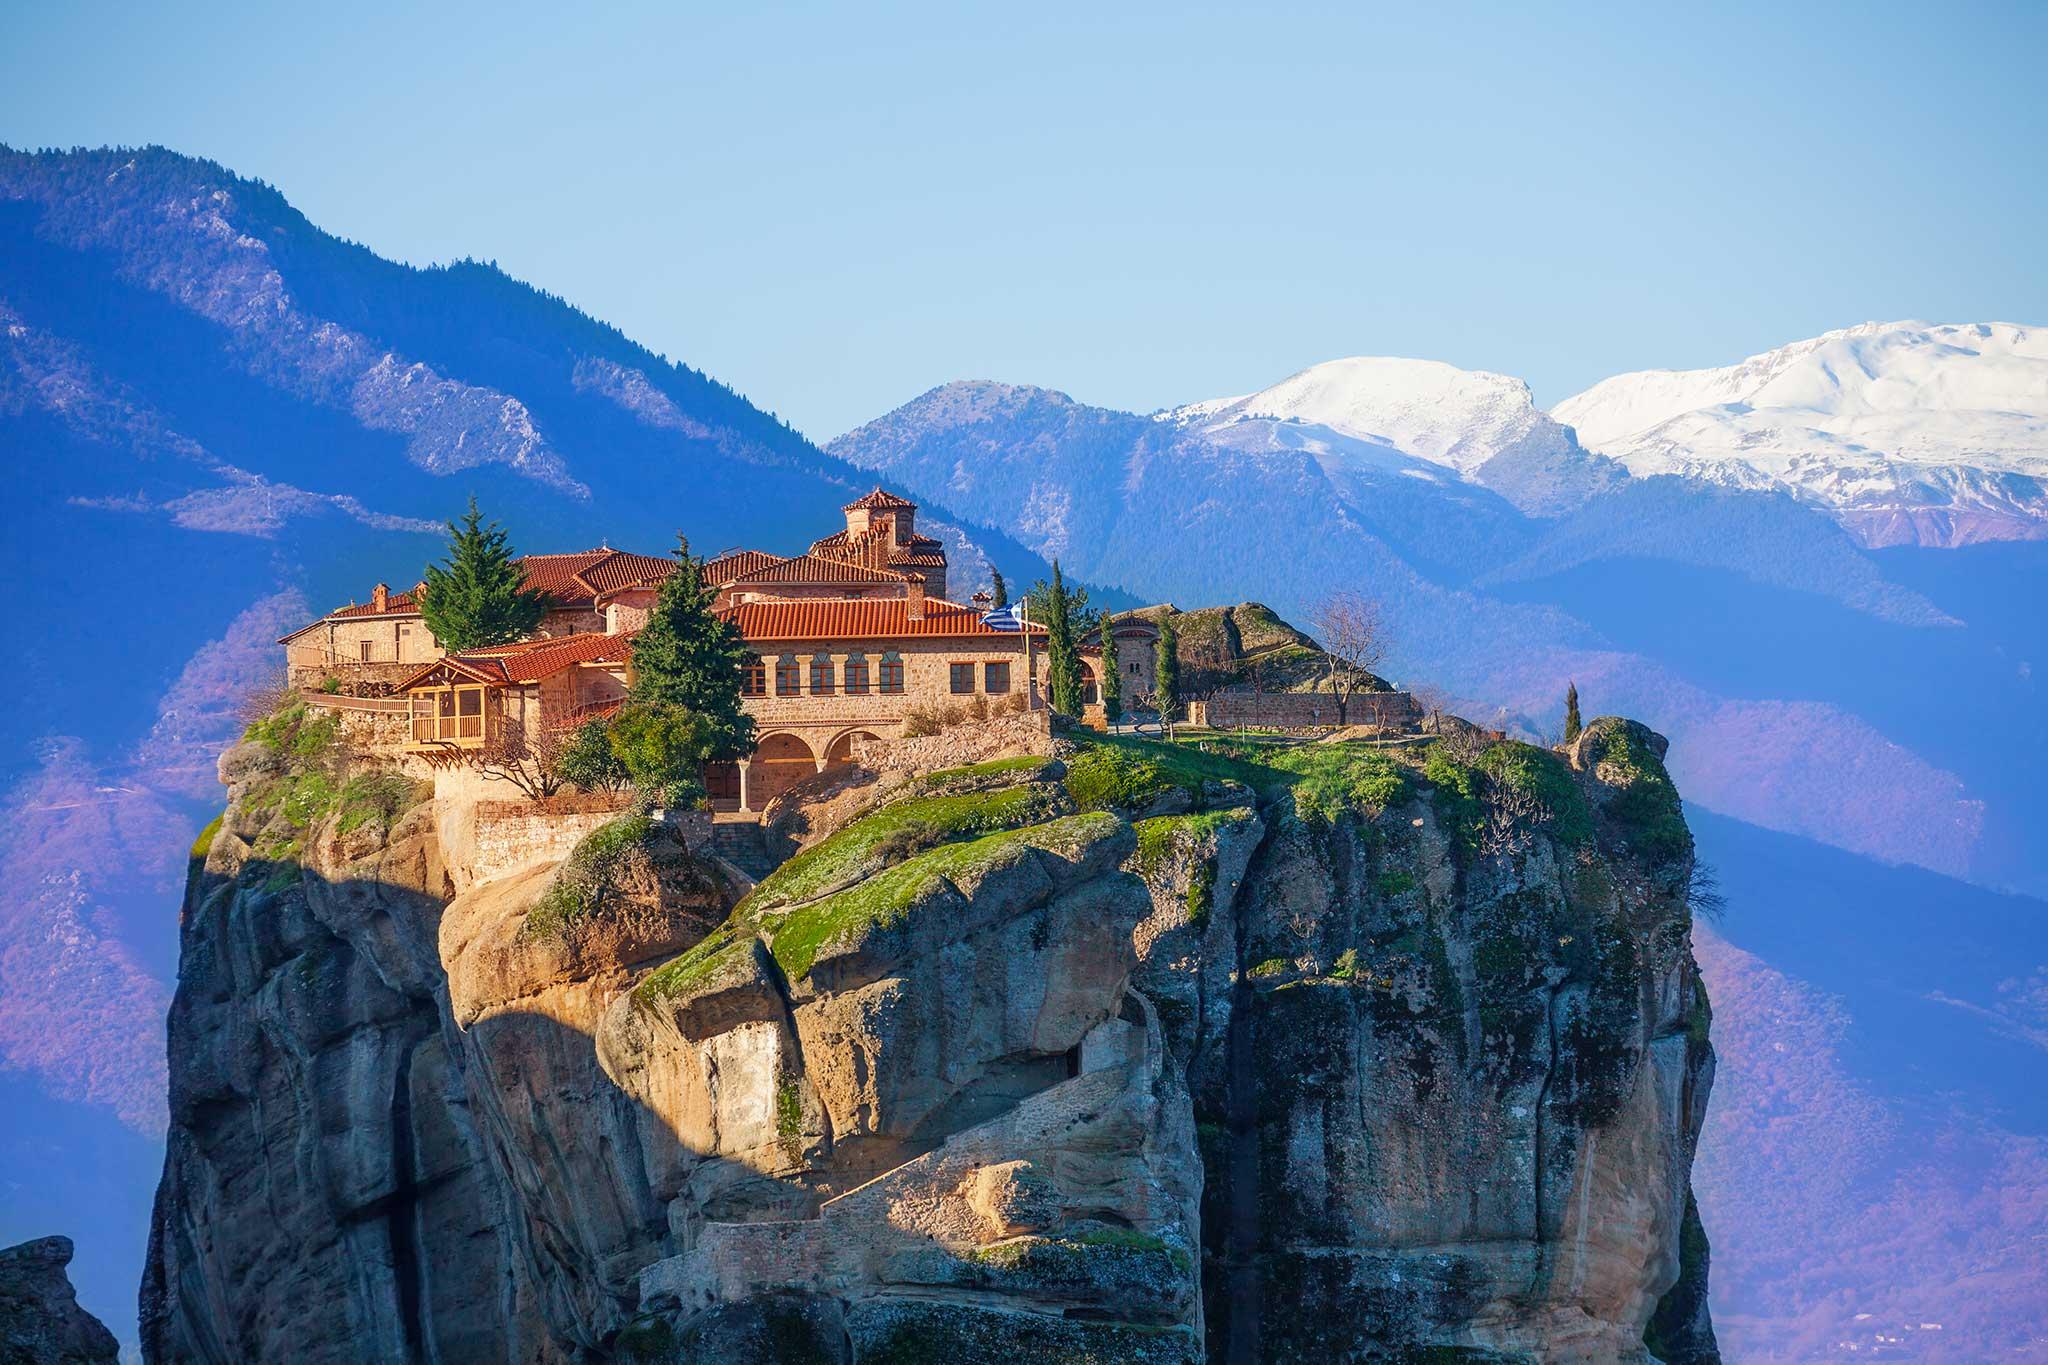 متئورا صخره های معلق در آسمان یونان